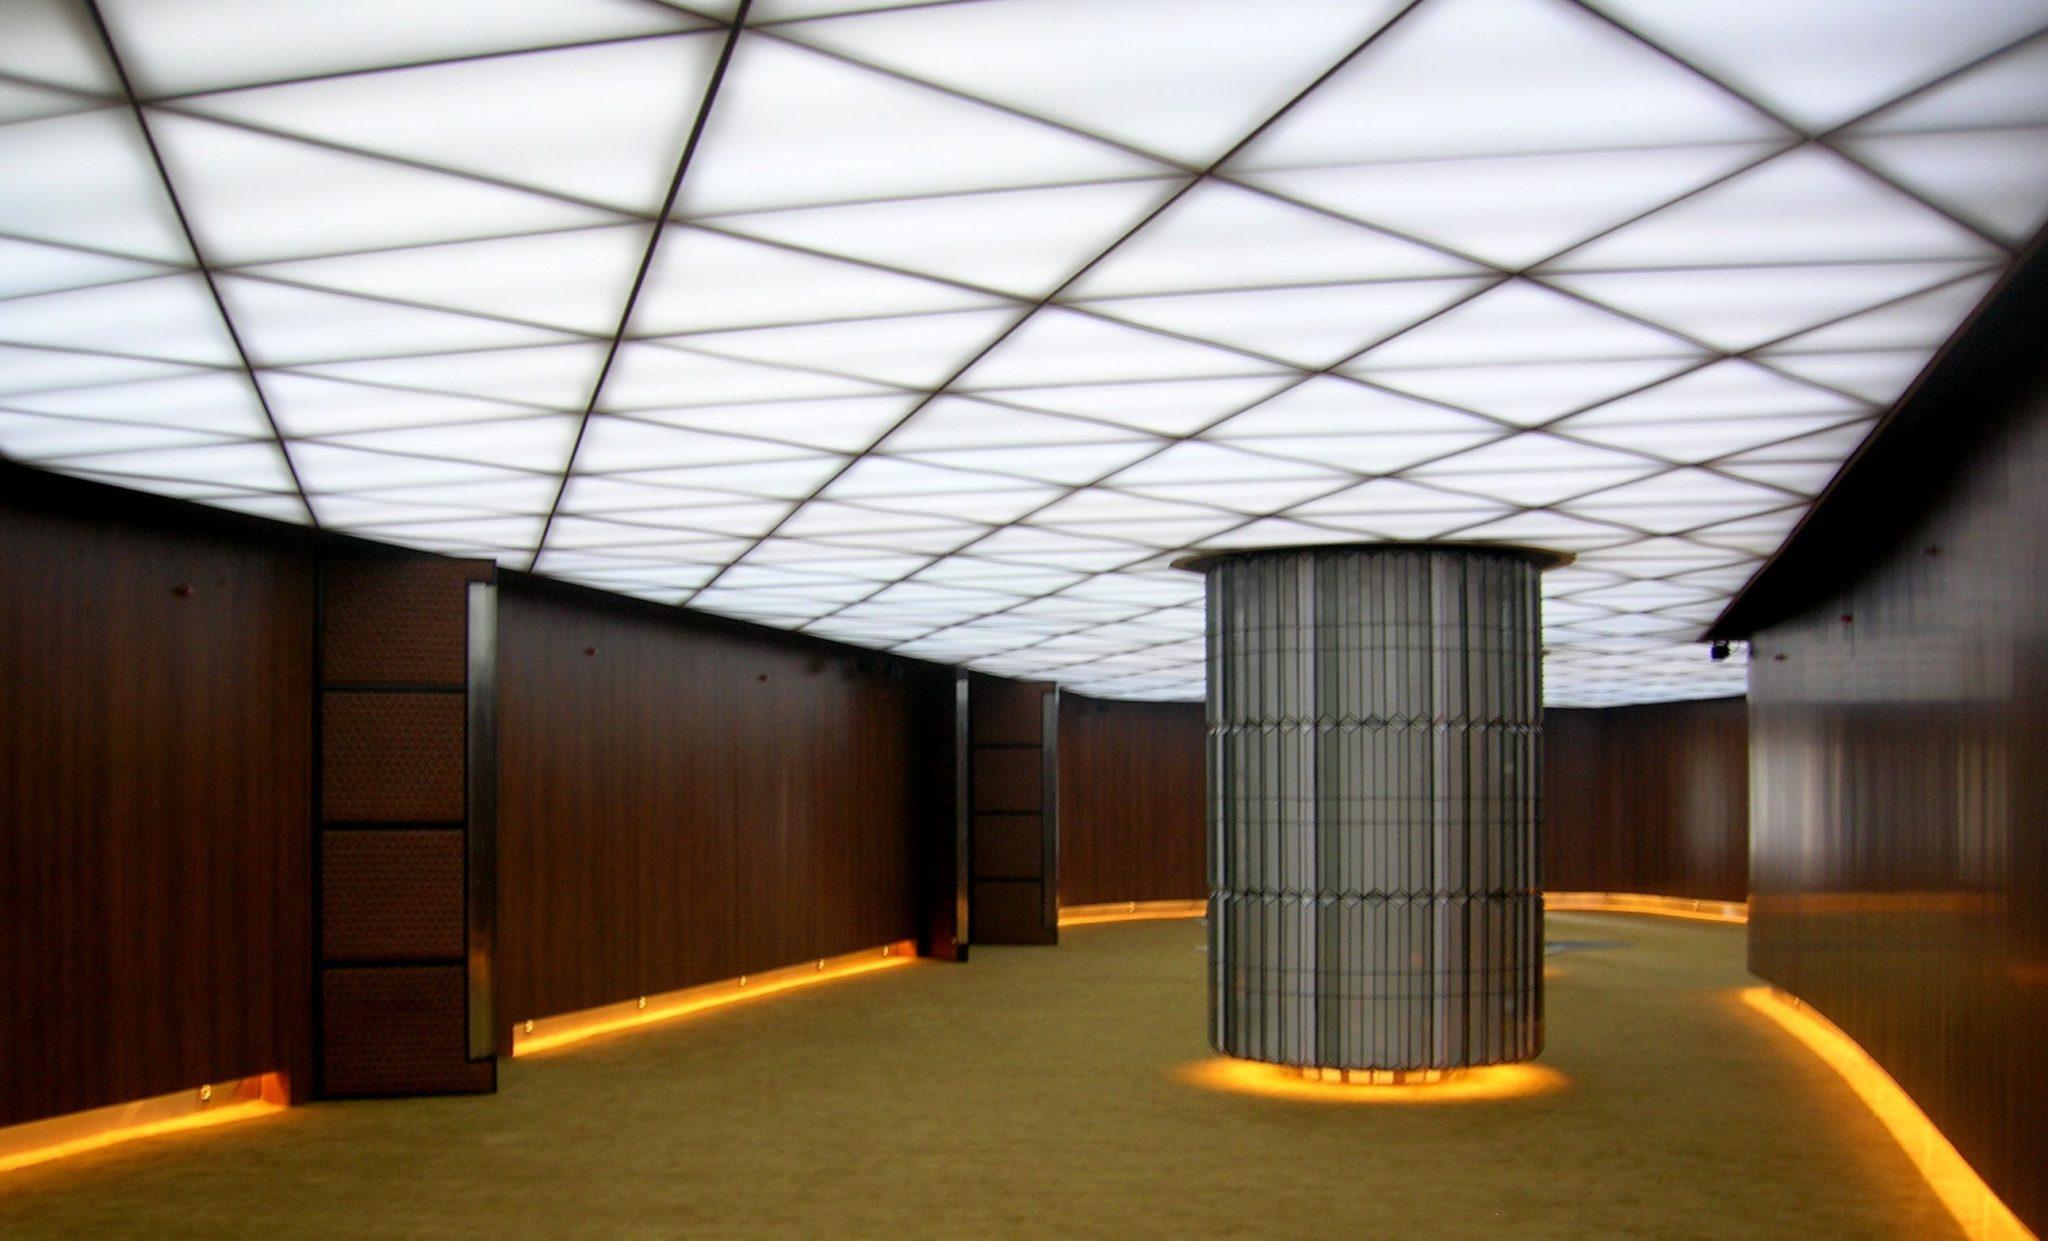 پوششهای سقف باریسول ostovarsazan.com